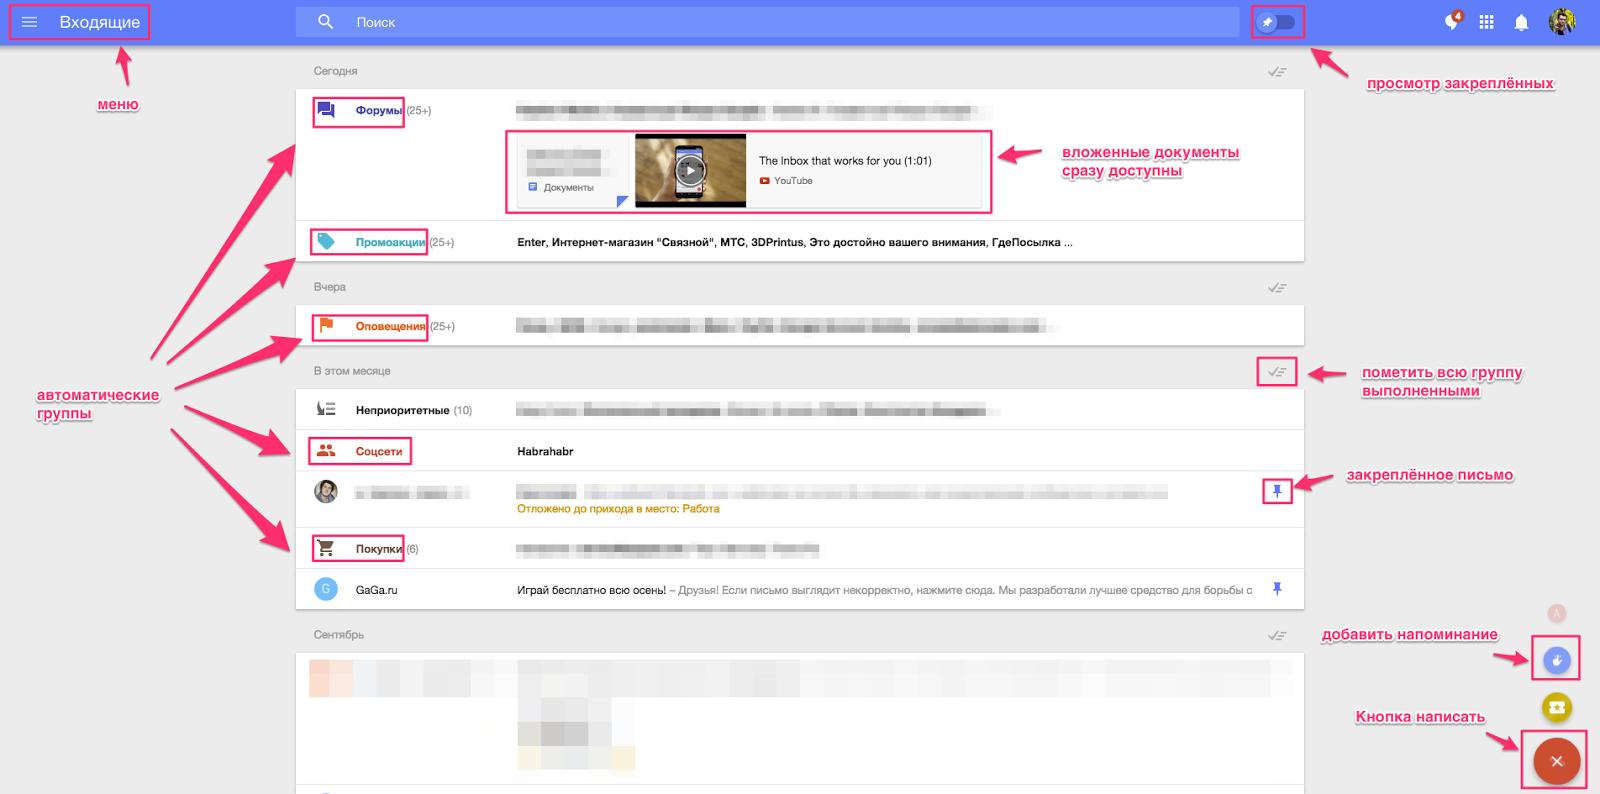 Так выглядит веб-интерфейс